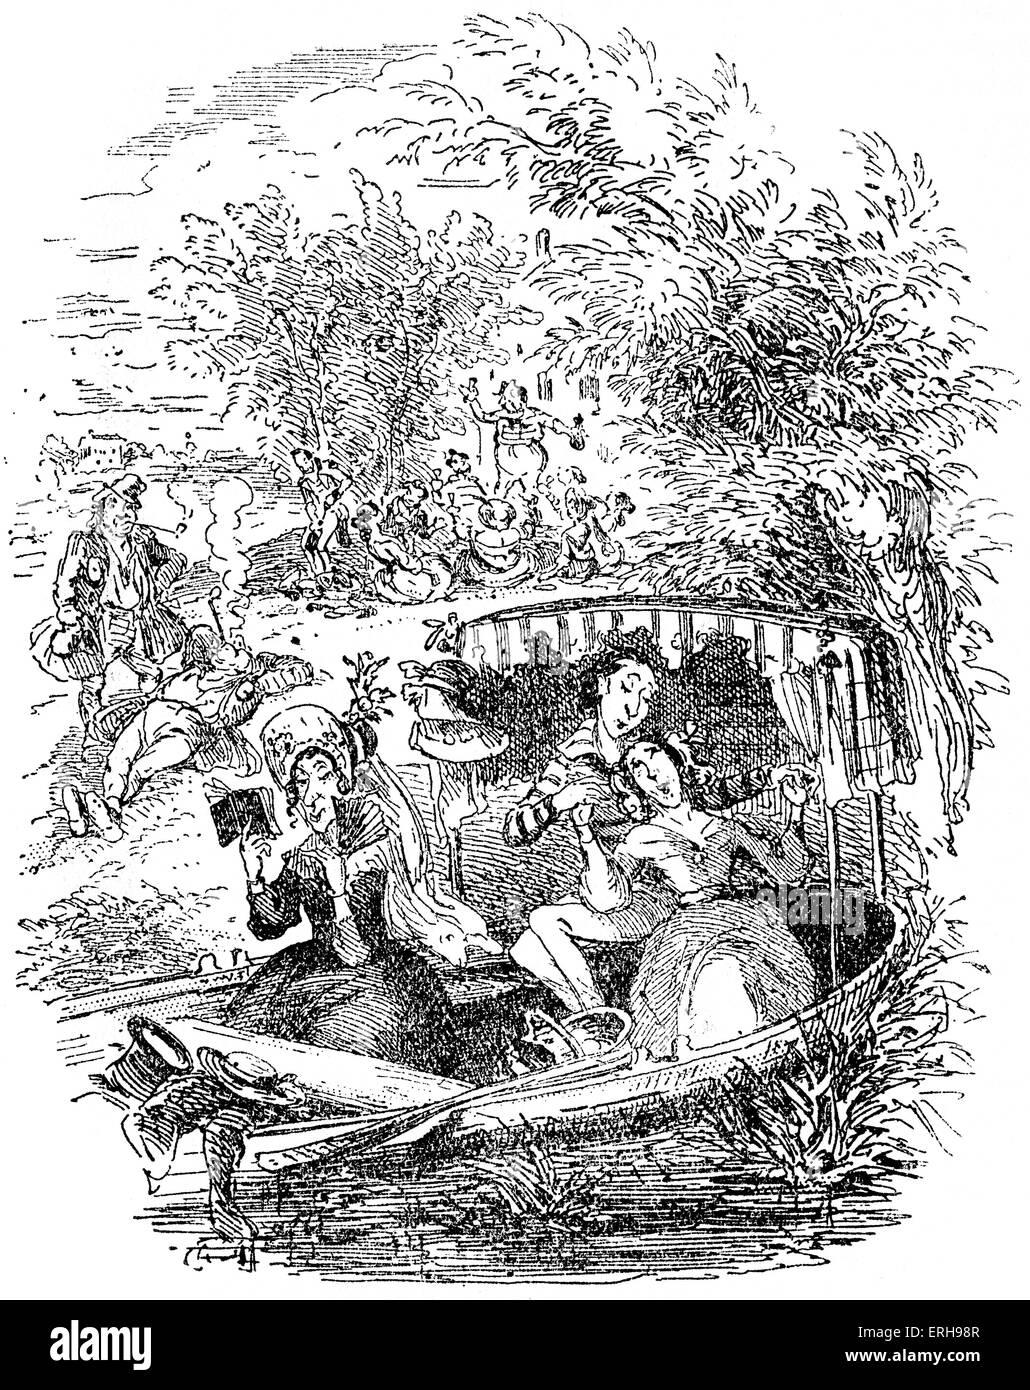 Esquisses par Boz: Illustration de tous les jours et la vie des gens de tous les jours de Charles Dickens. Photo Stock